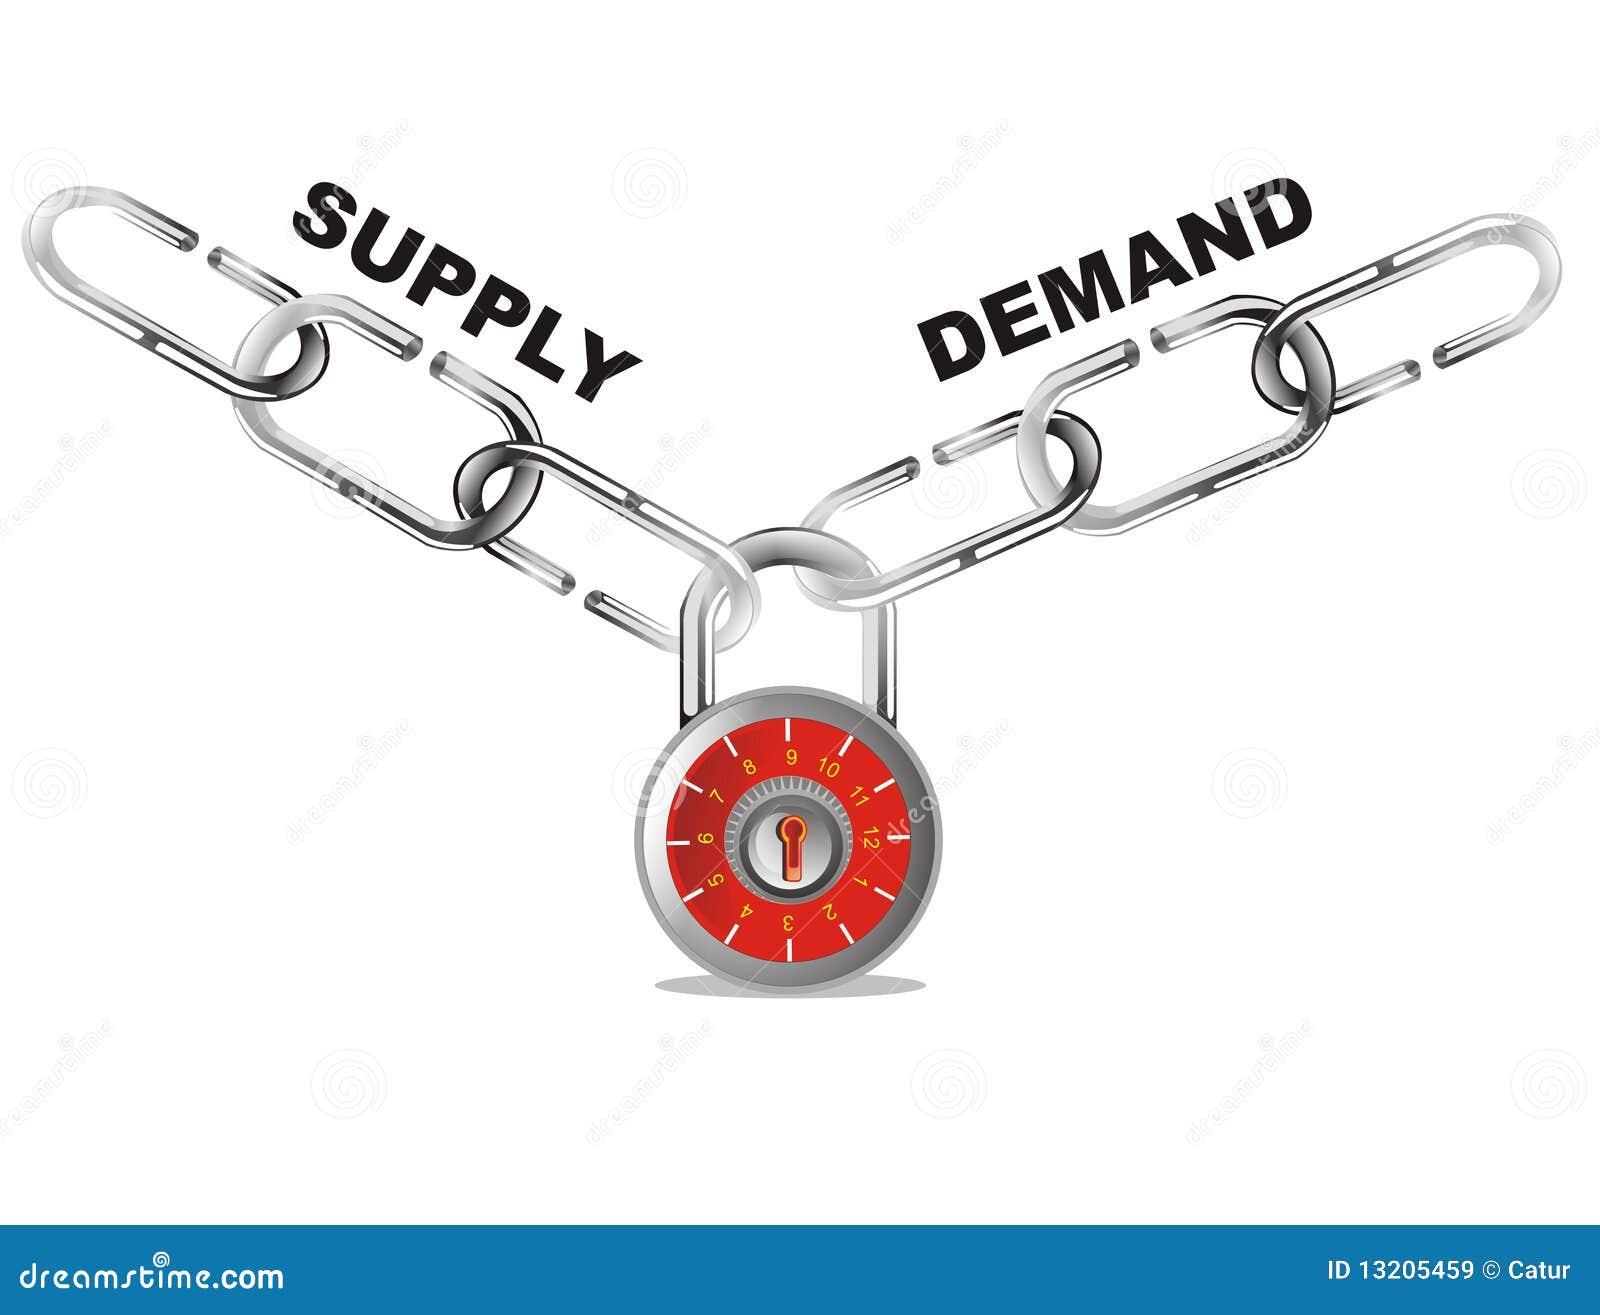 链子连接需求用品